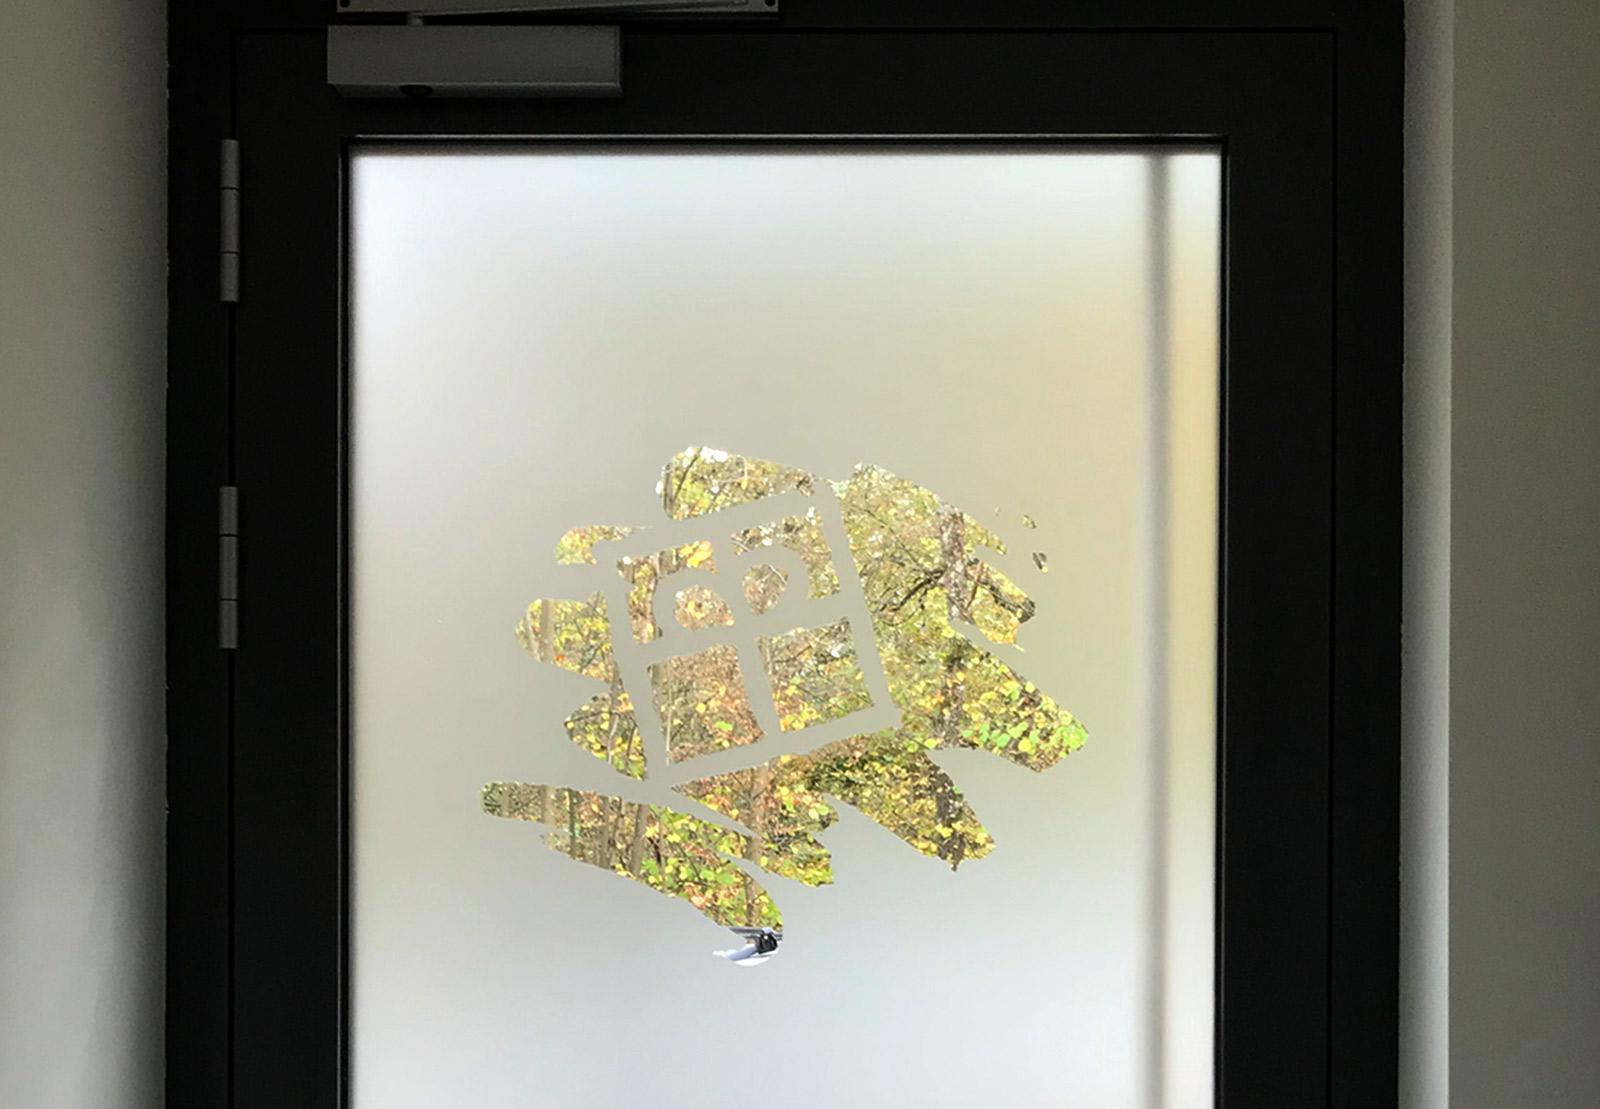 Auschnitt einer Hauseingangstüre von innen. Das Glas der Türe ist foliert mit negativ ausgeschnittenem Logo der Diakonie